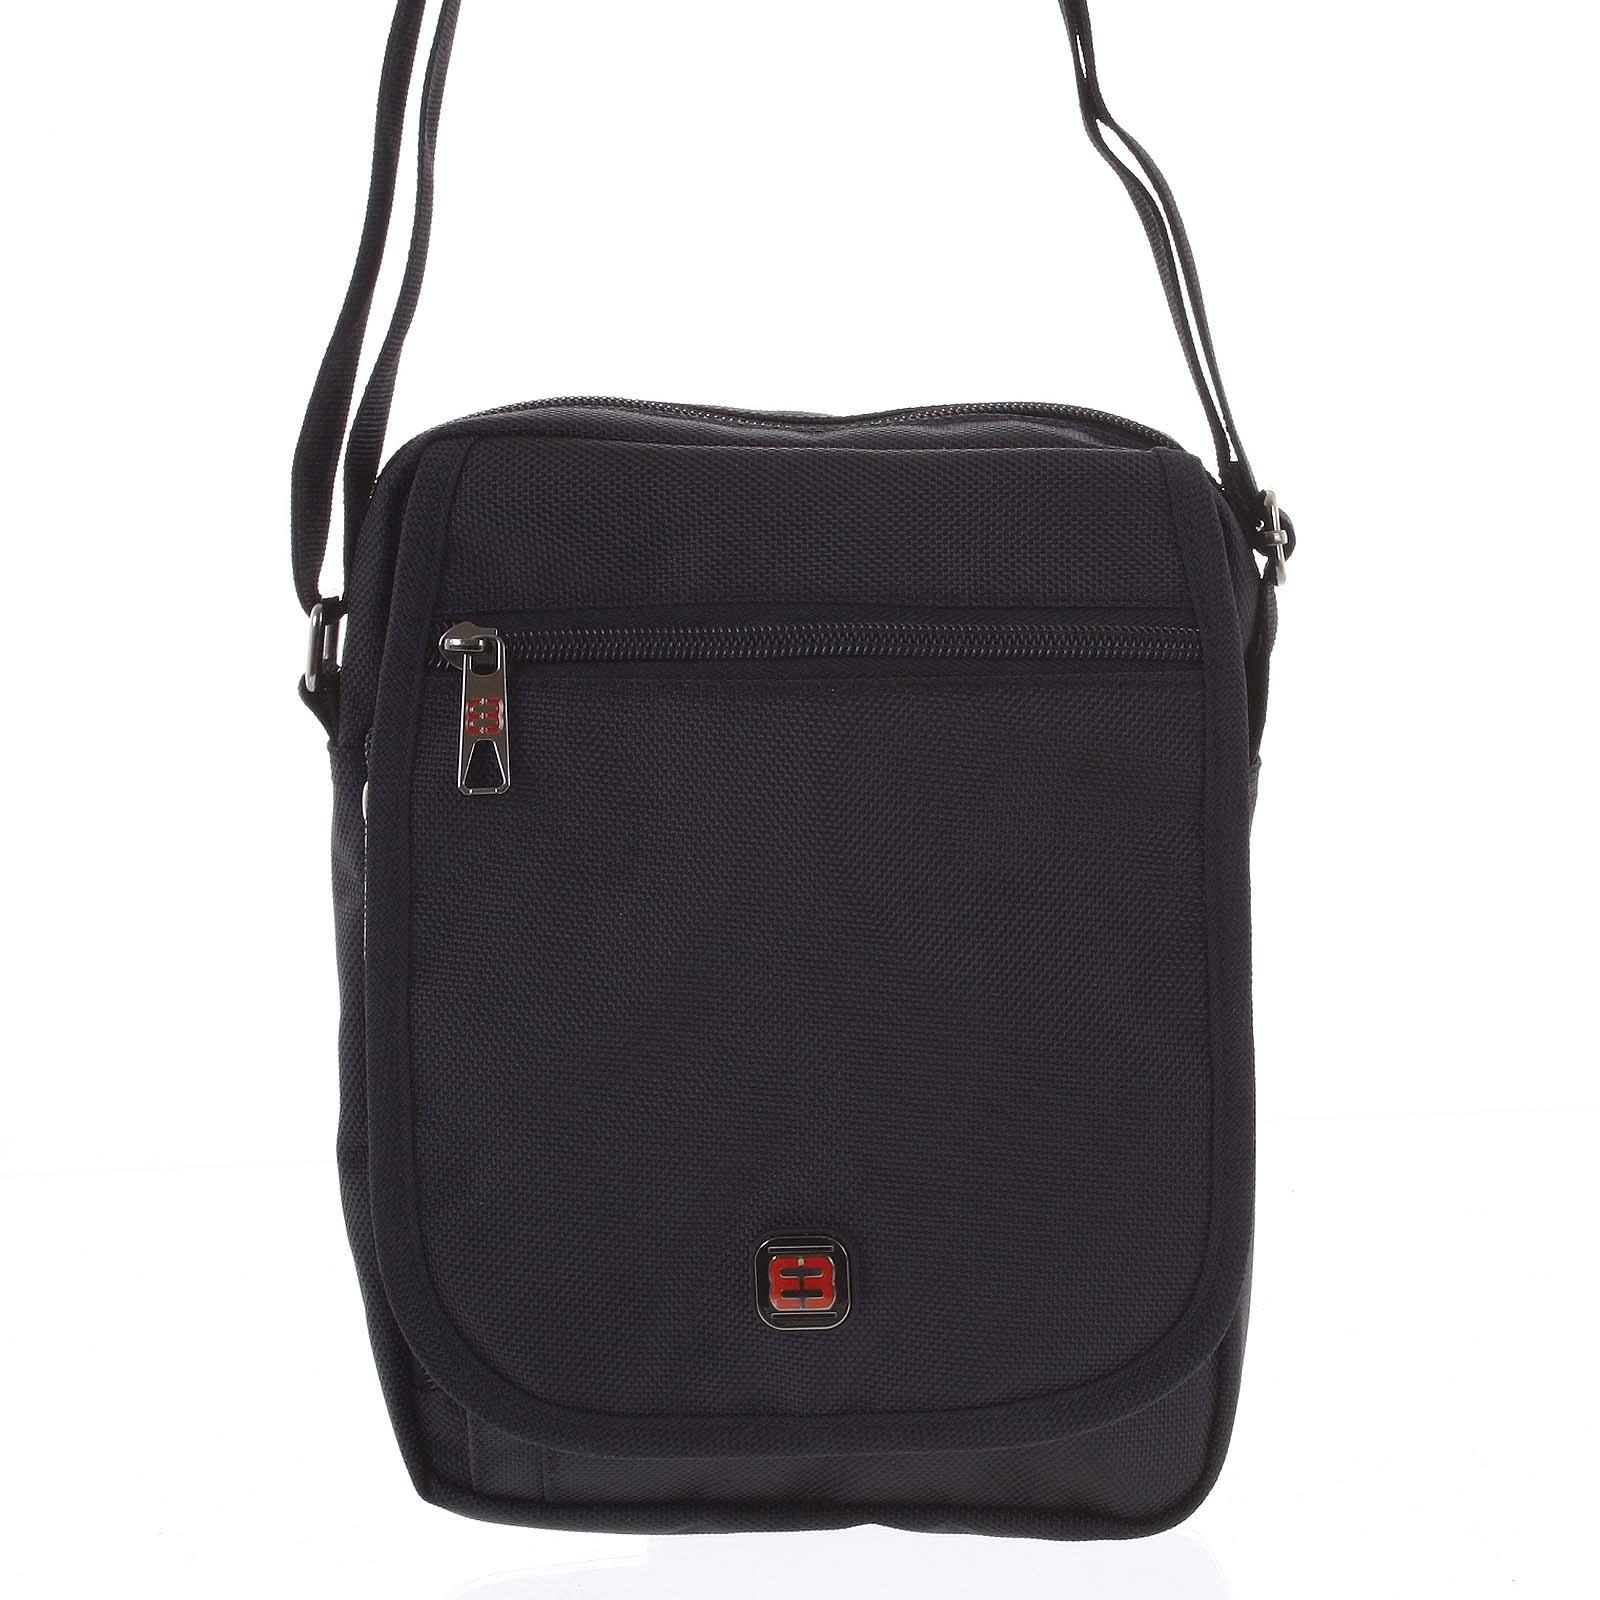 Pánska športová taška na doklady čierna - Enrico Benetti Nico čierna